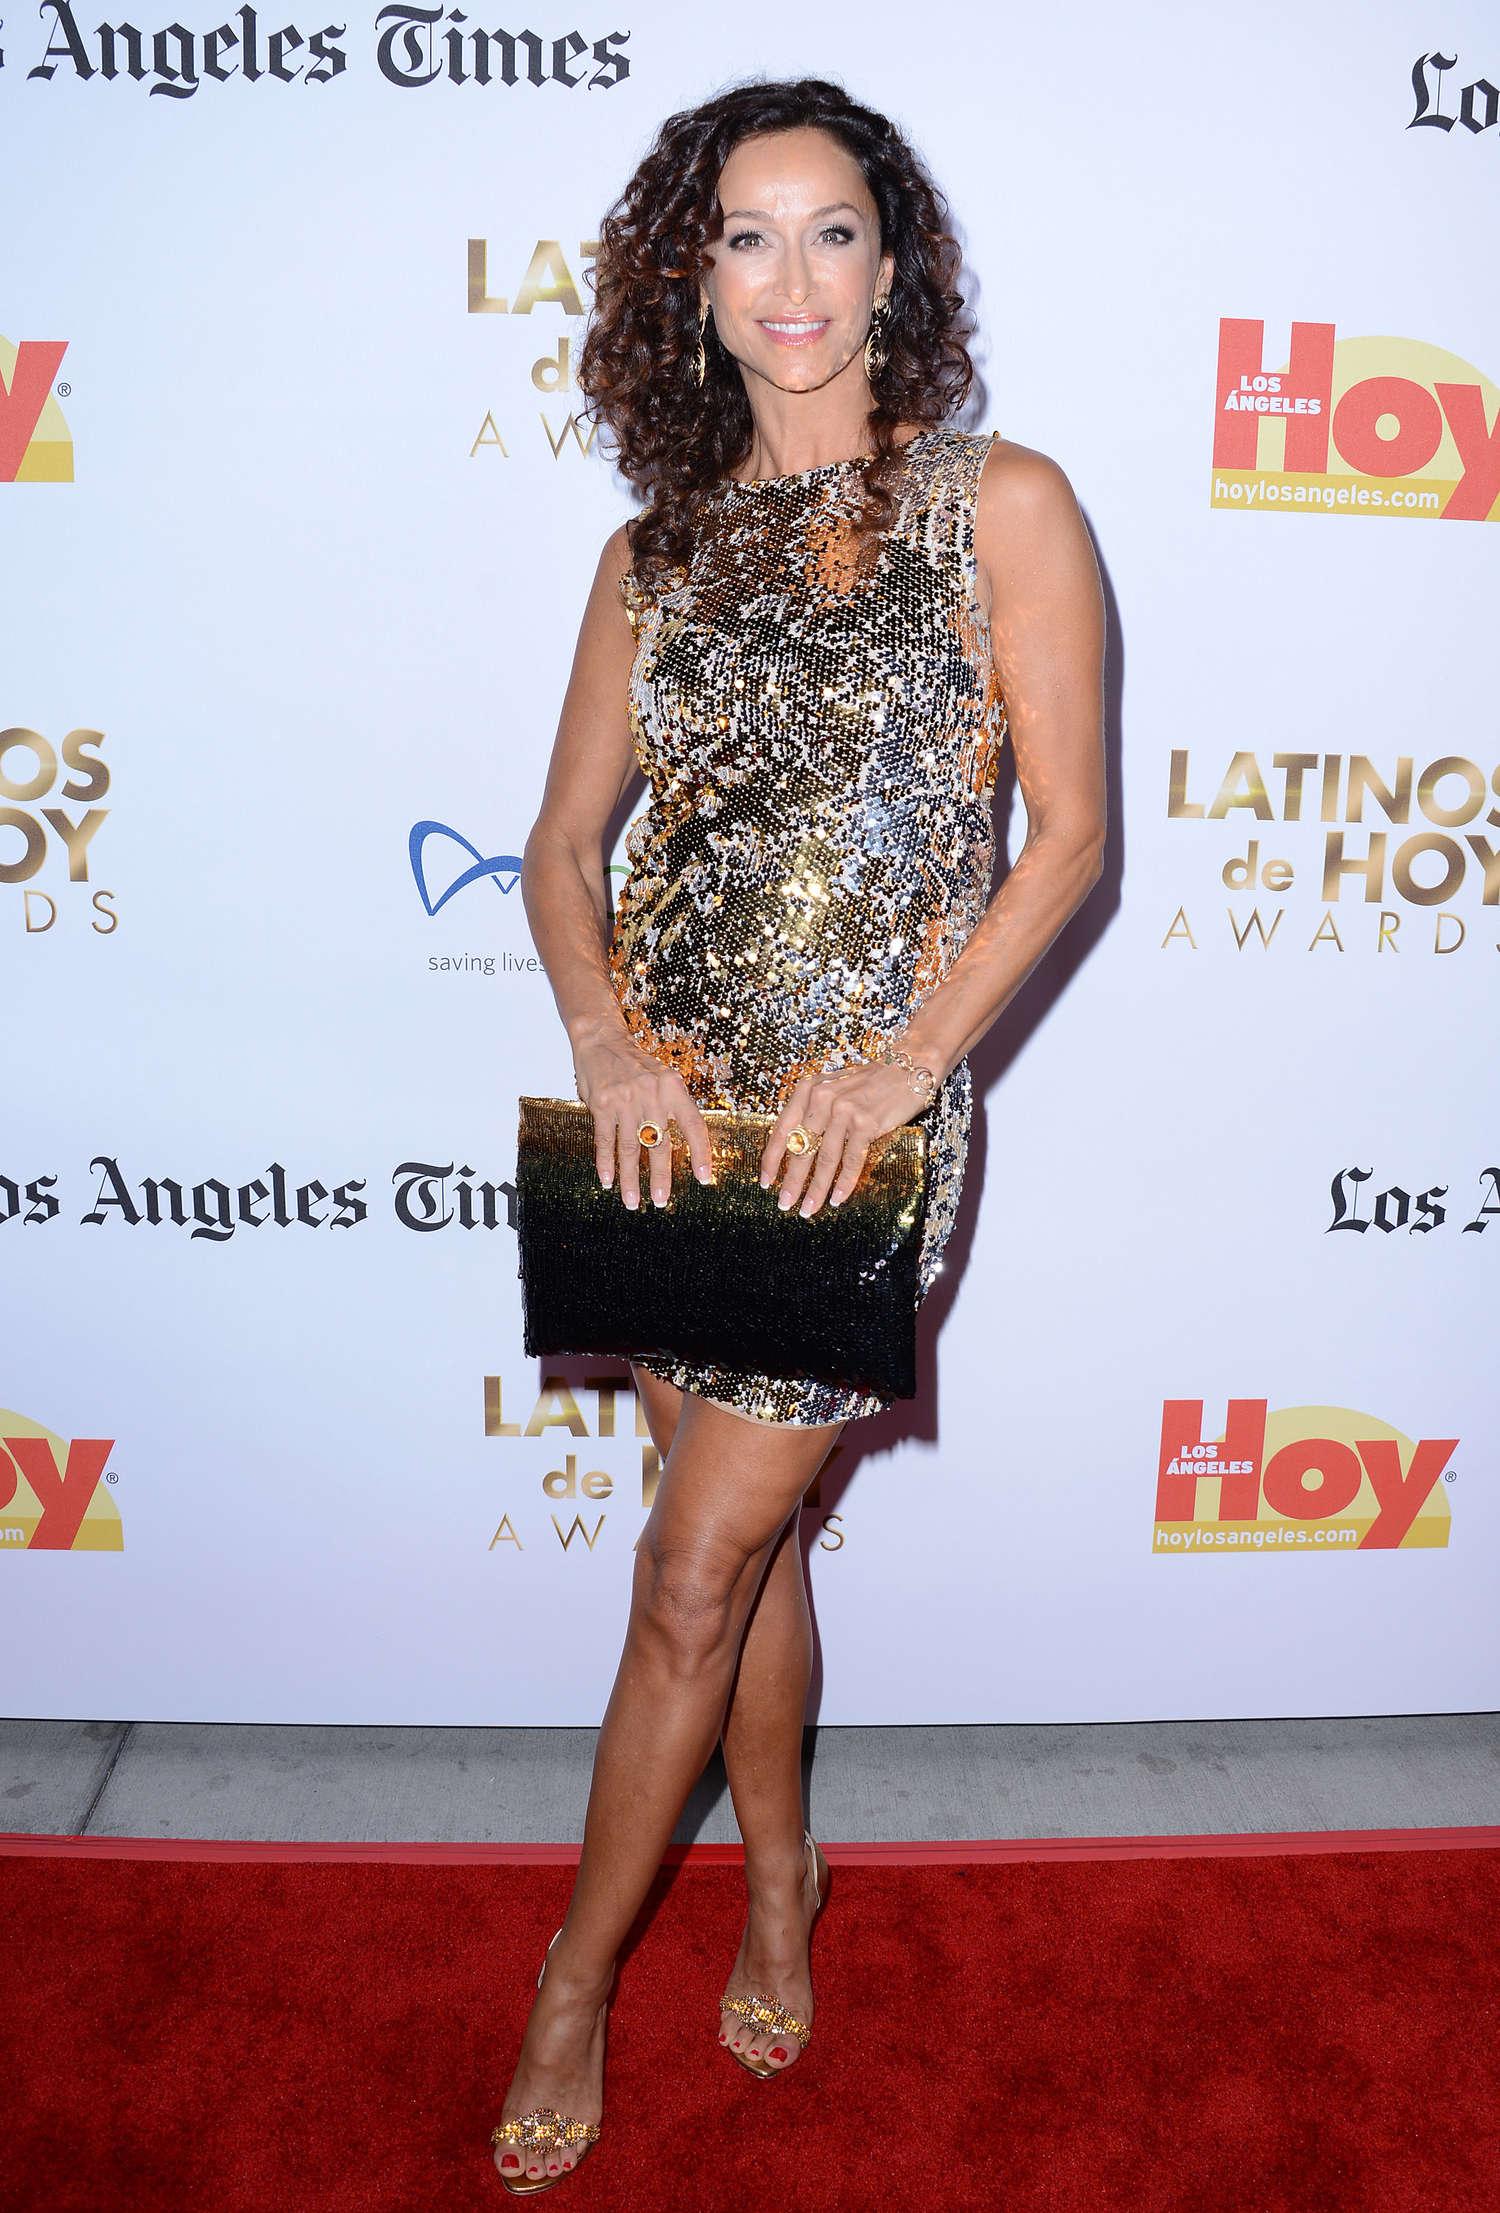 Sofia Milos 2013 : Sofia Milos: Latinos de Hoy Awards 2013 -08